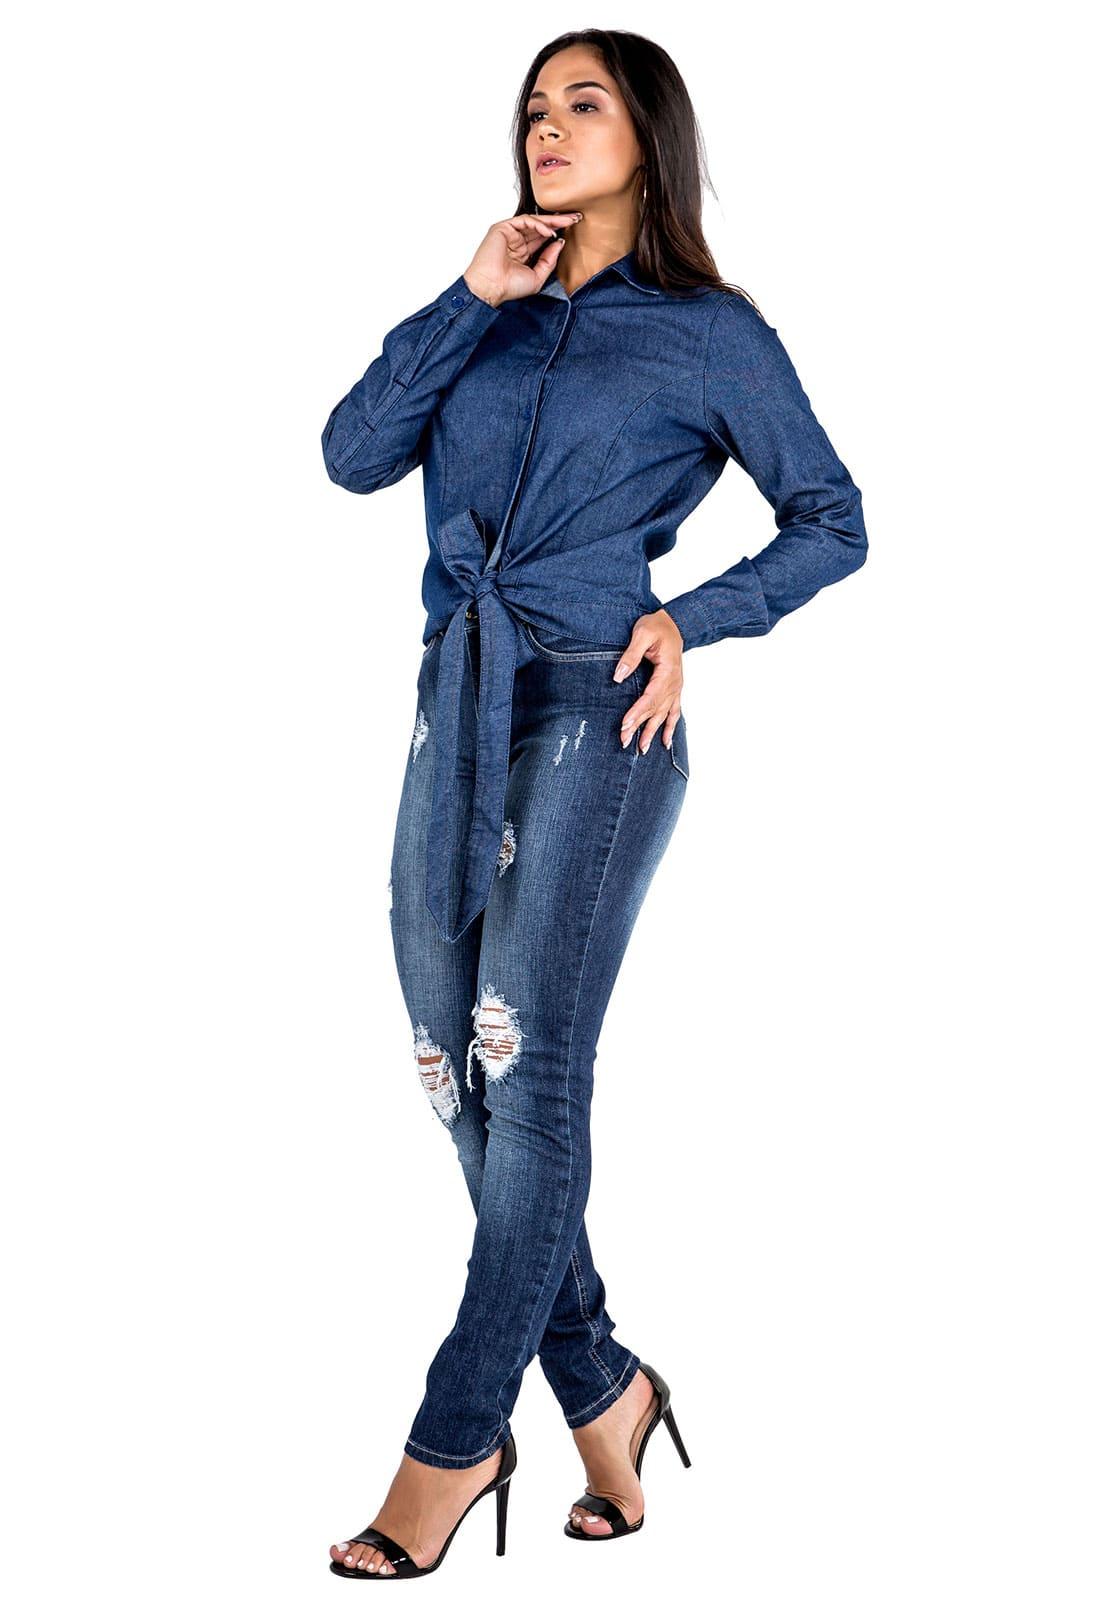 Camisa Jeans Feminina Manga Longa com Amarração